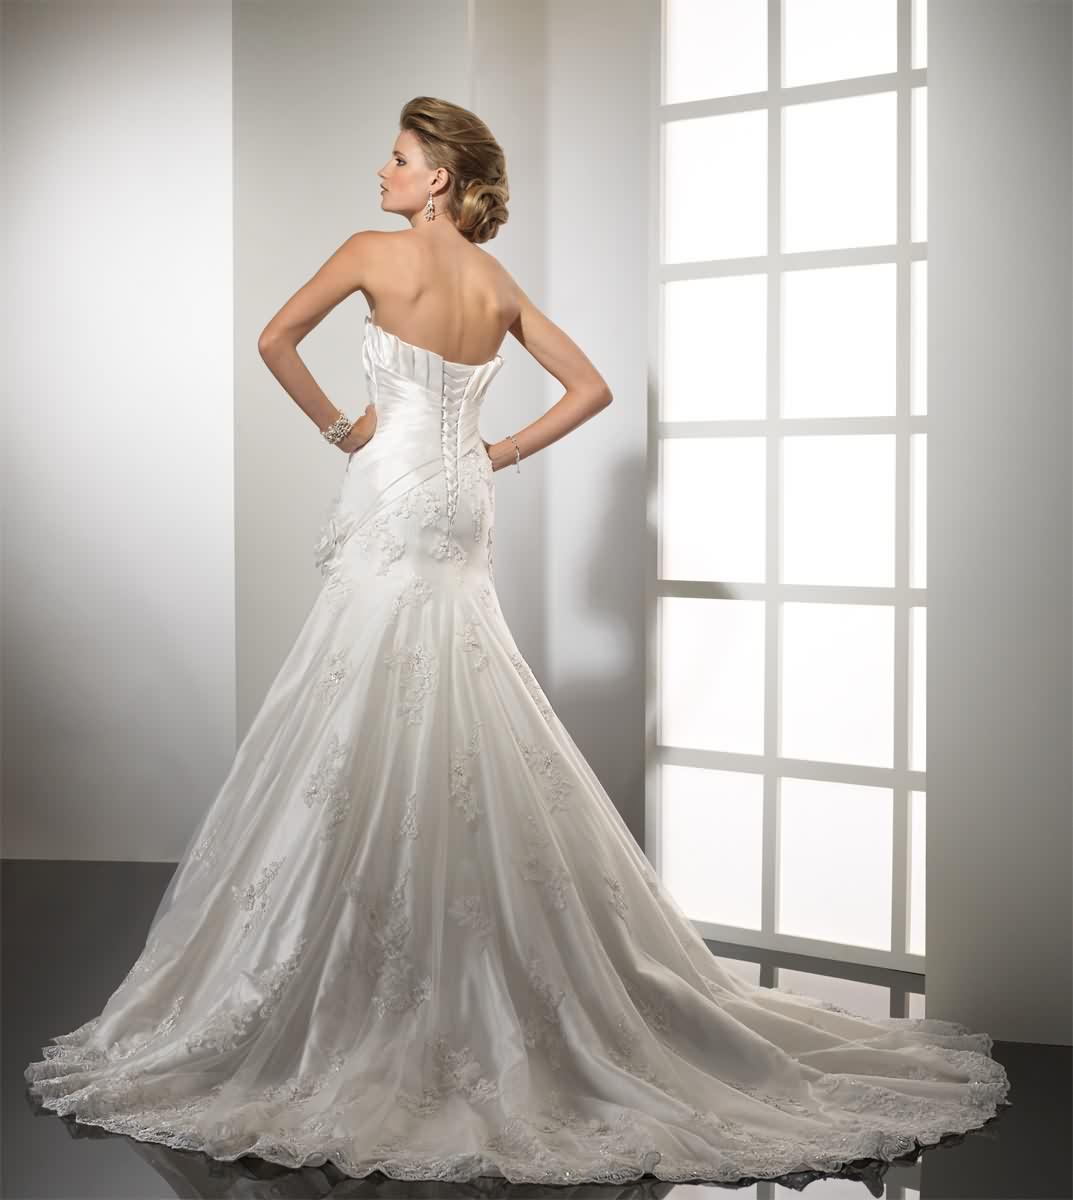 Výpredaj svadobných šiat! - Farba: white, veľkosť 34-36-38